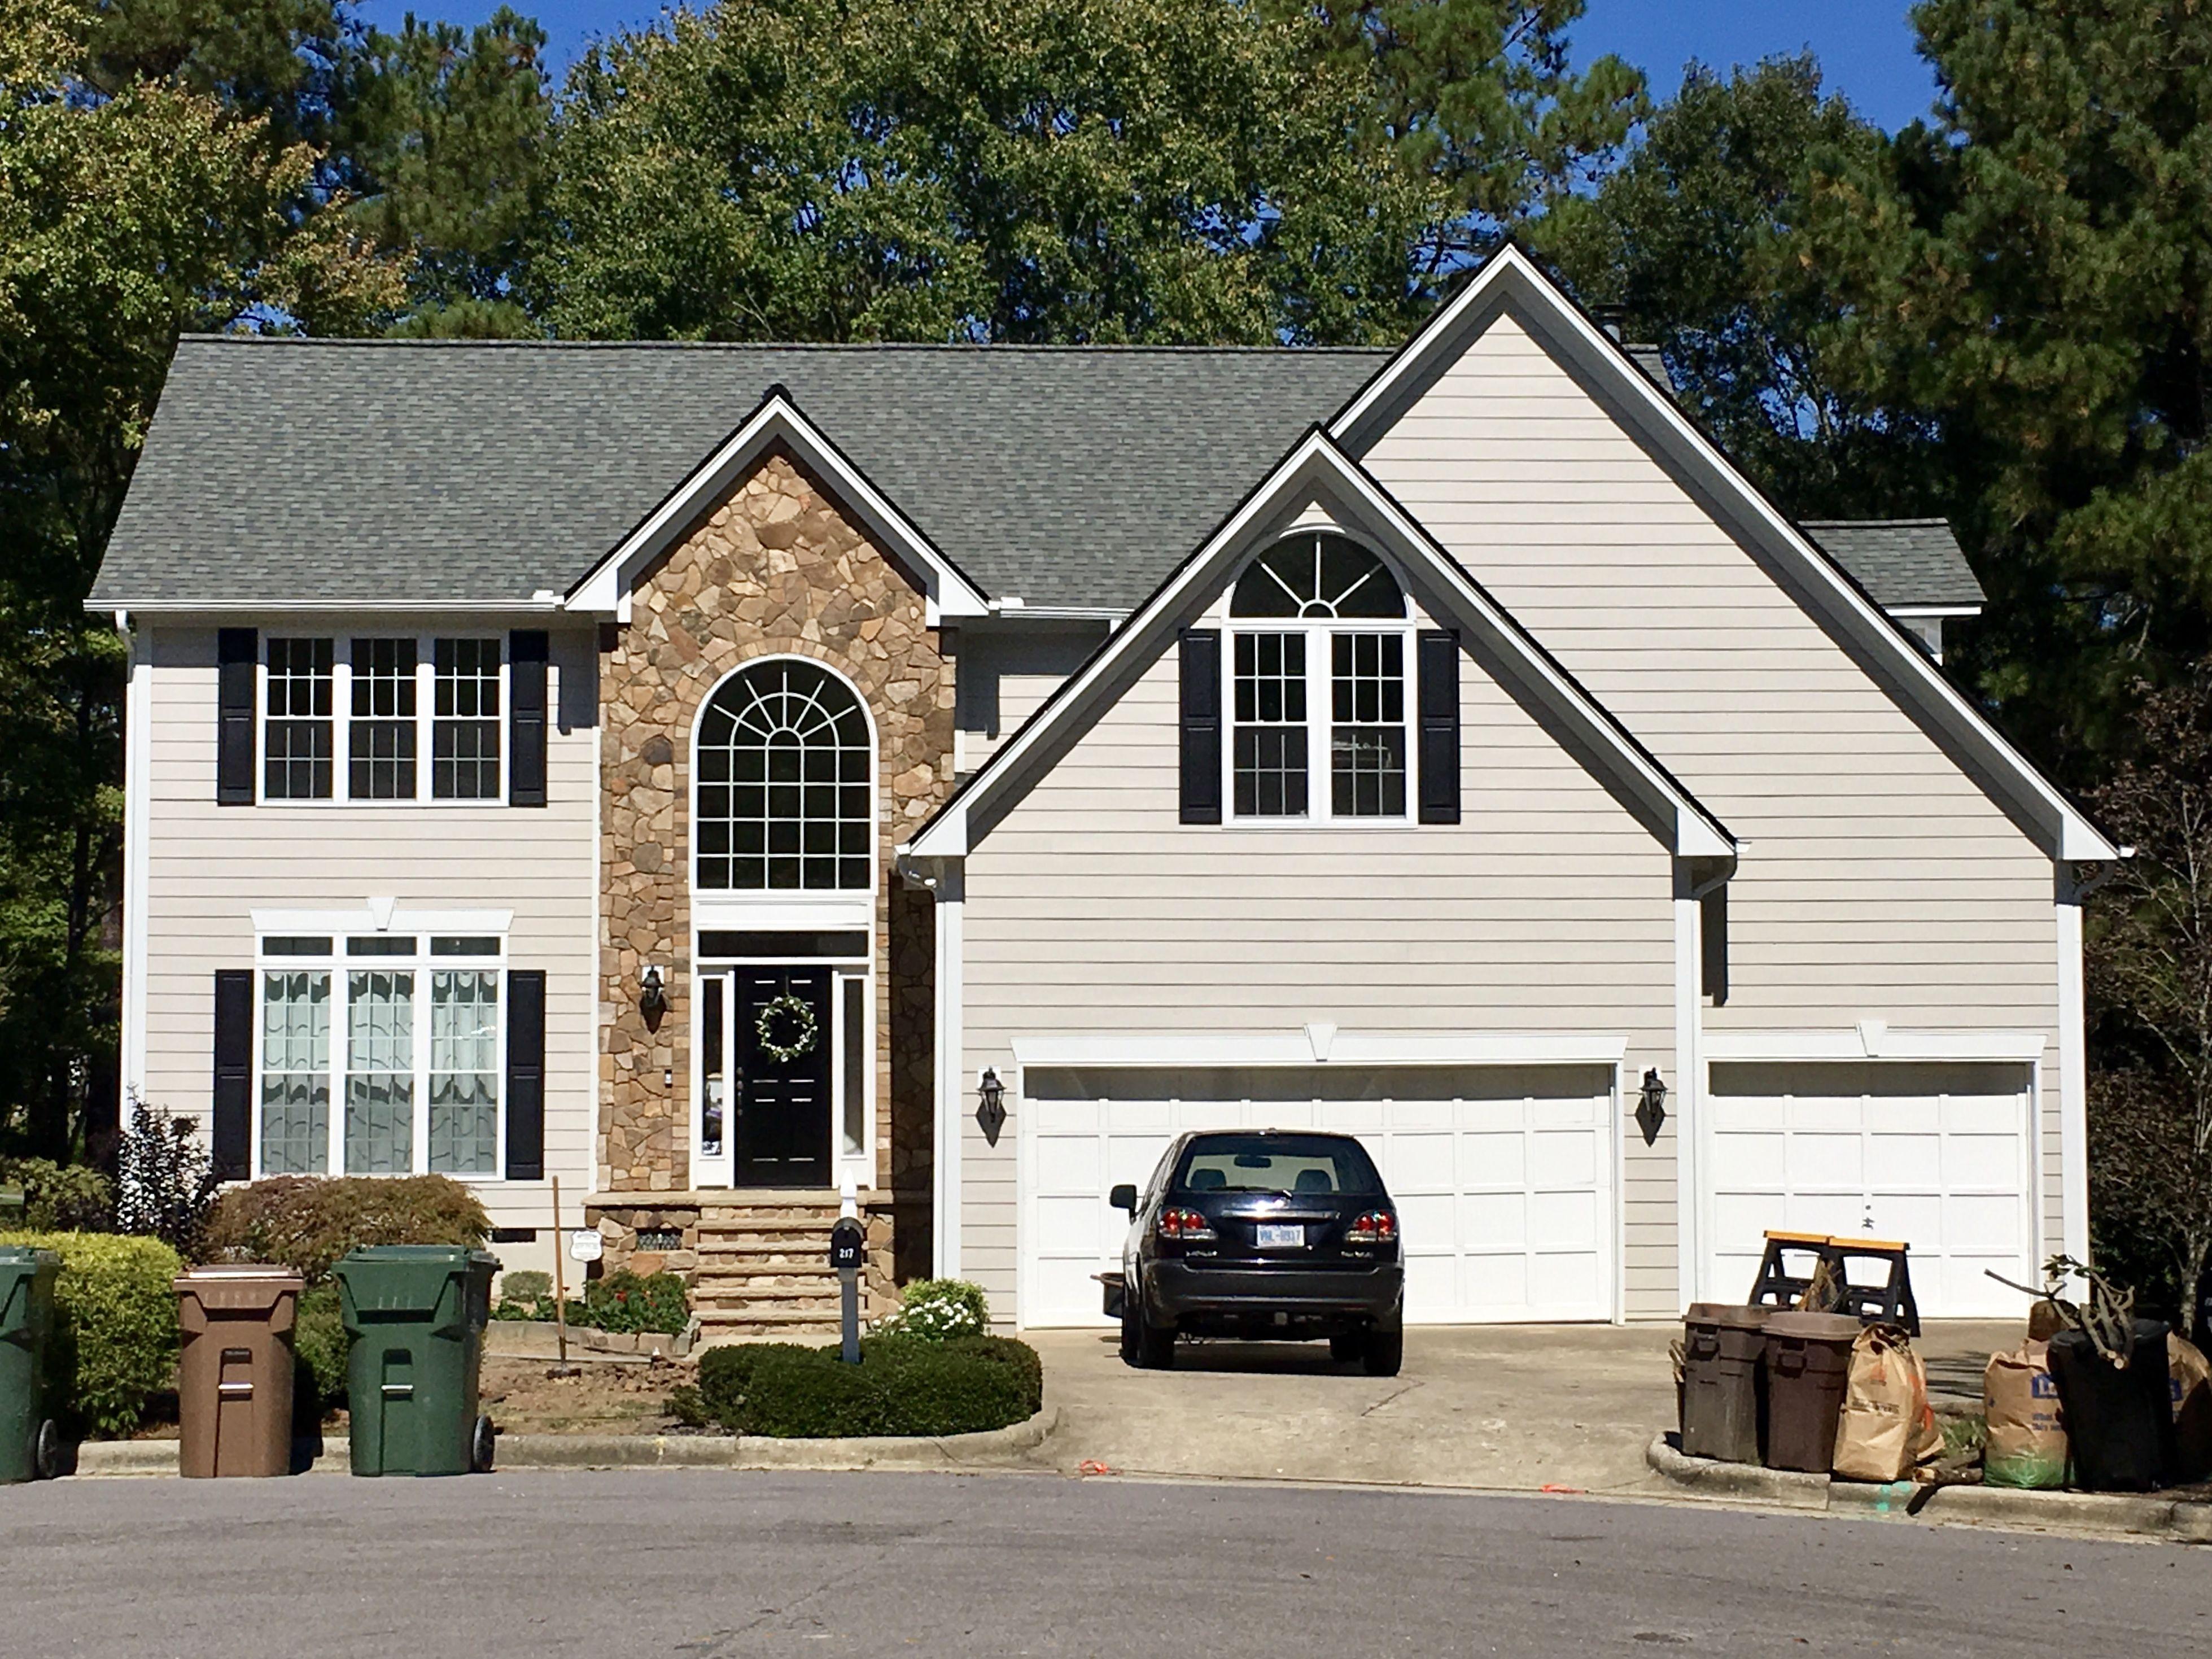 Hardie Colorplus Certainteed Roof Project House Exterior Hardie Plank Certainteed